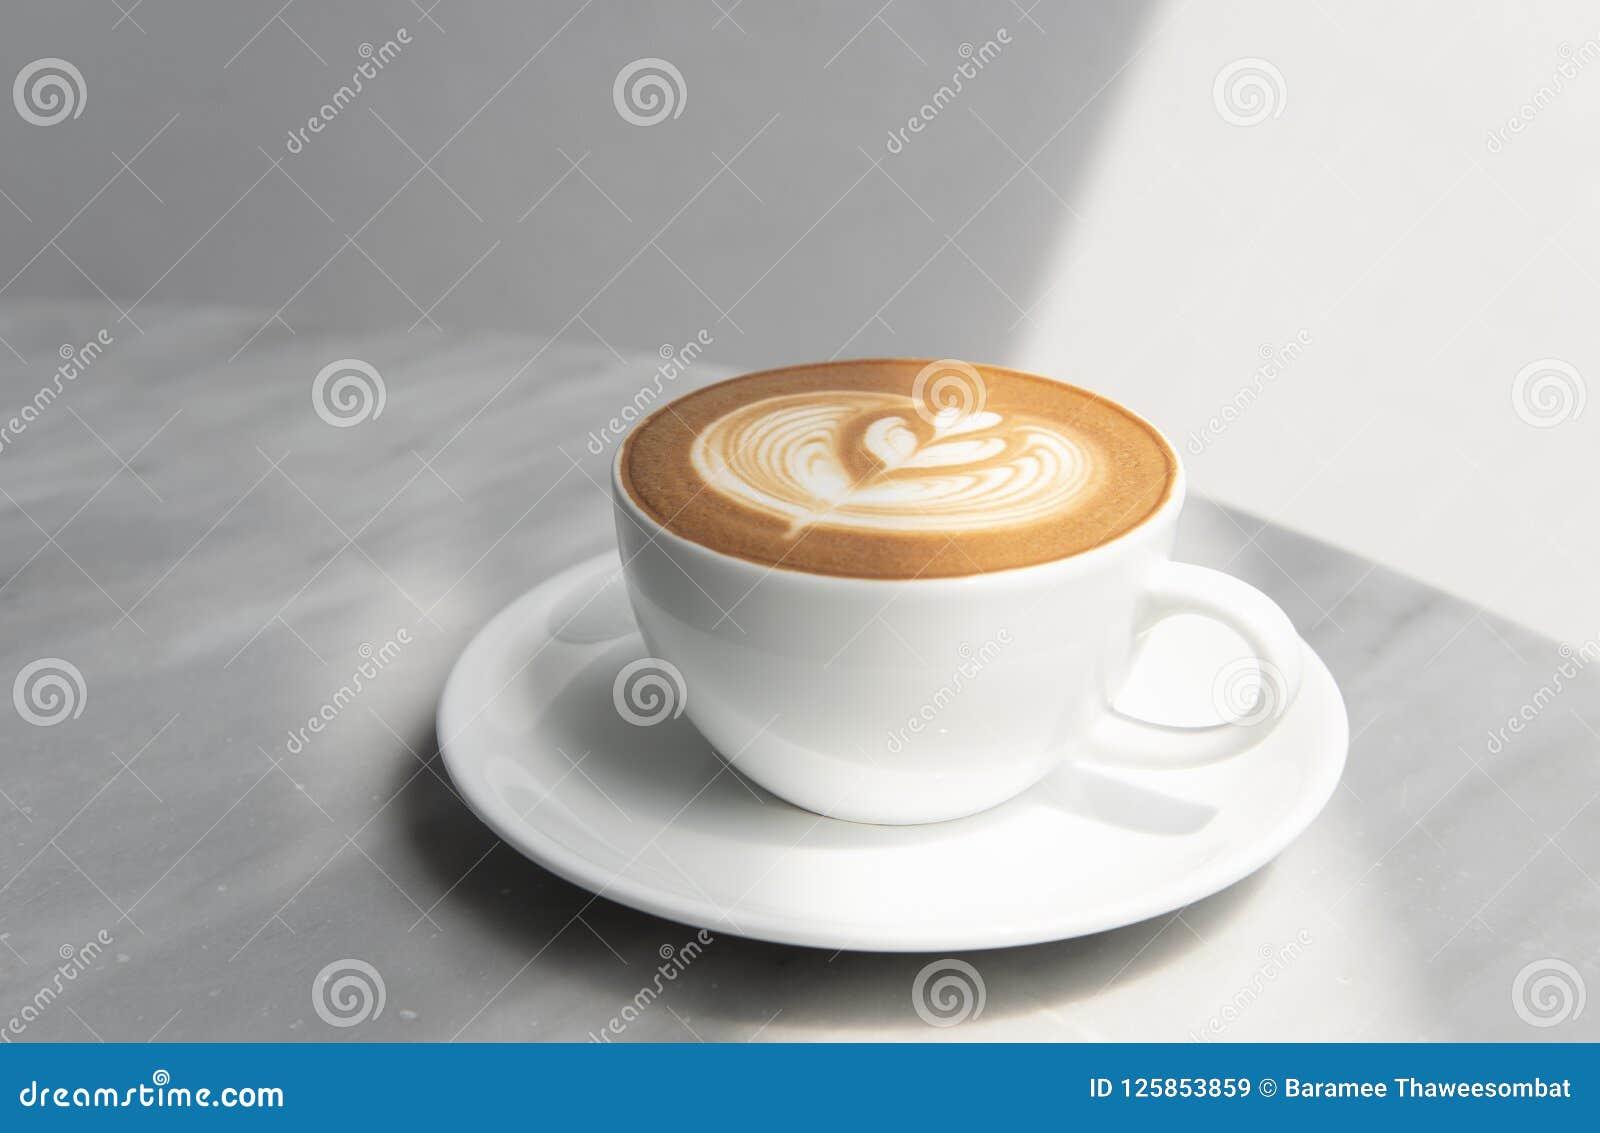 Latte ou cappuccino com espuma espumoso, opinião superior de copo de café